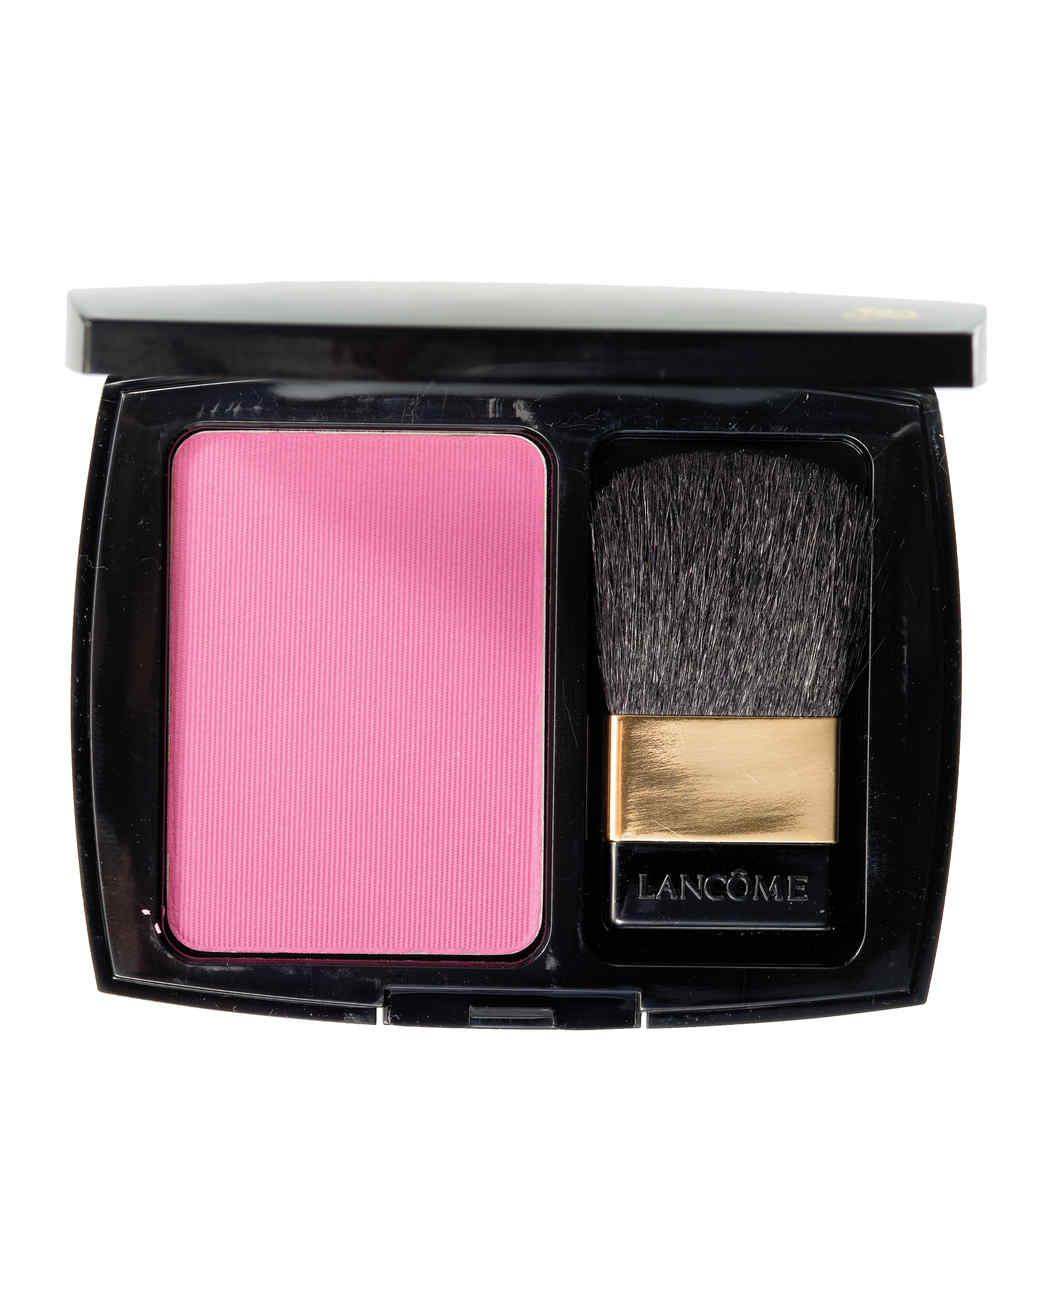 lancome-blush-013-mld109568.jpg